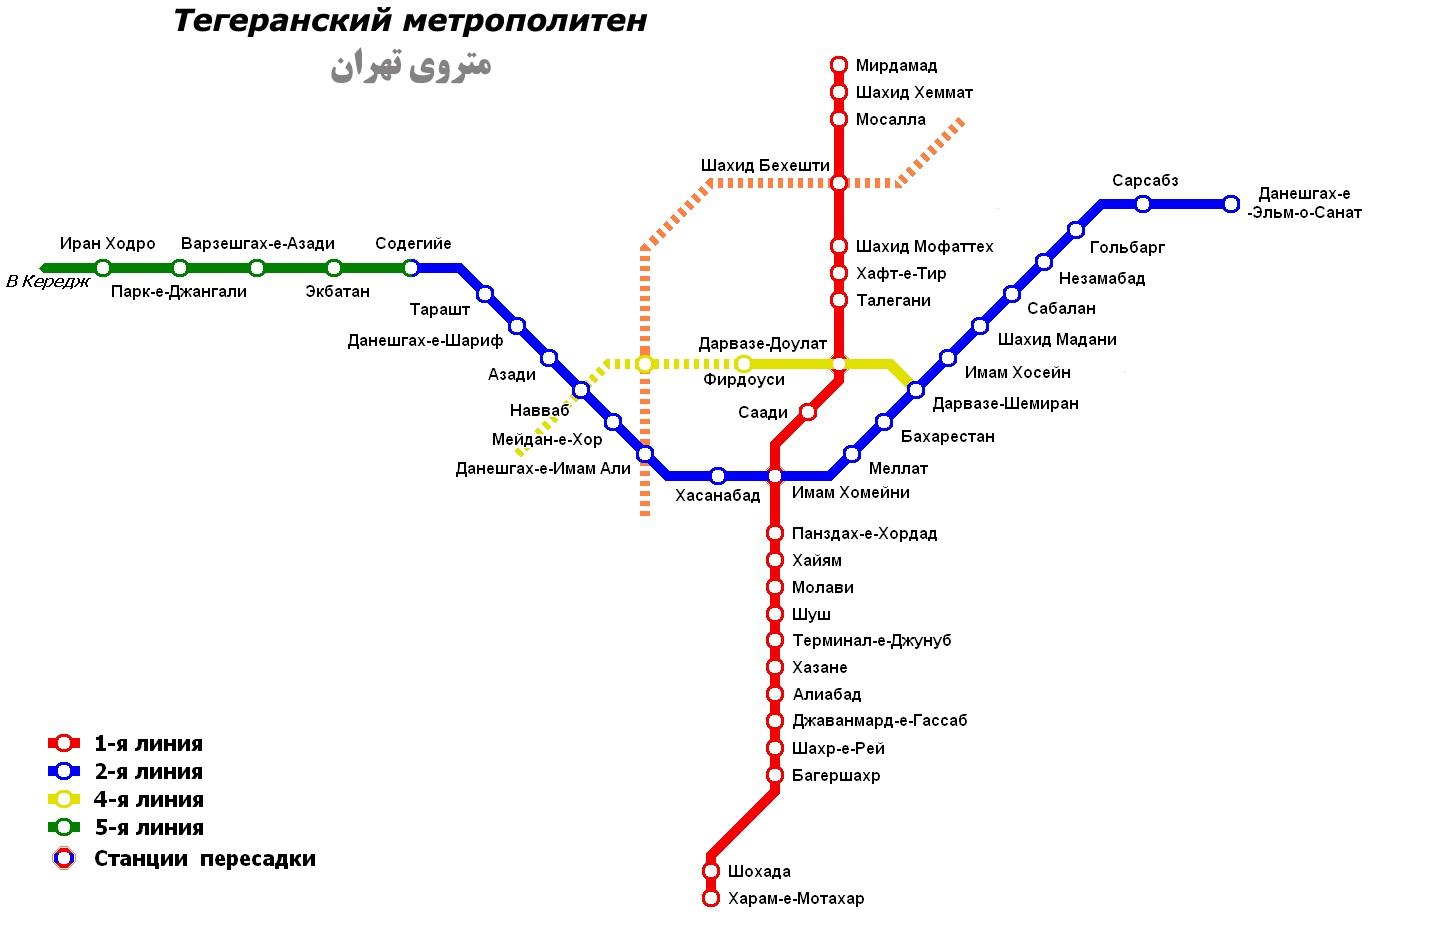 А вот делийский метрополитен сегодня - самый быстро строящийся из недавно открытых.  С момента сдачи первой его линии...